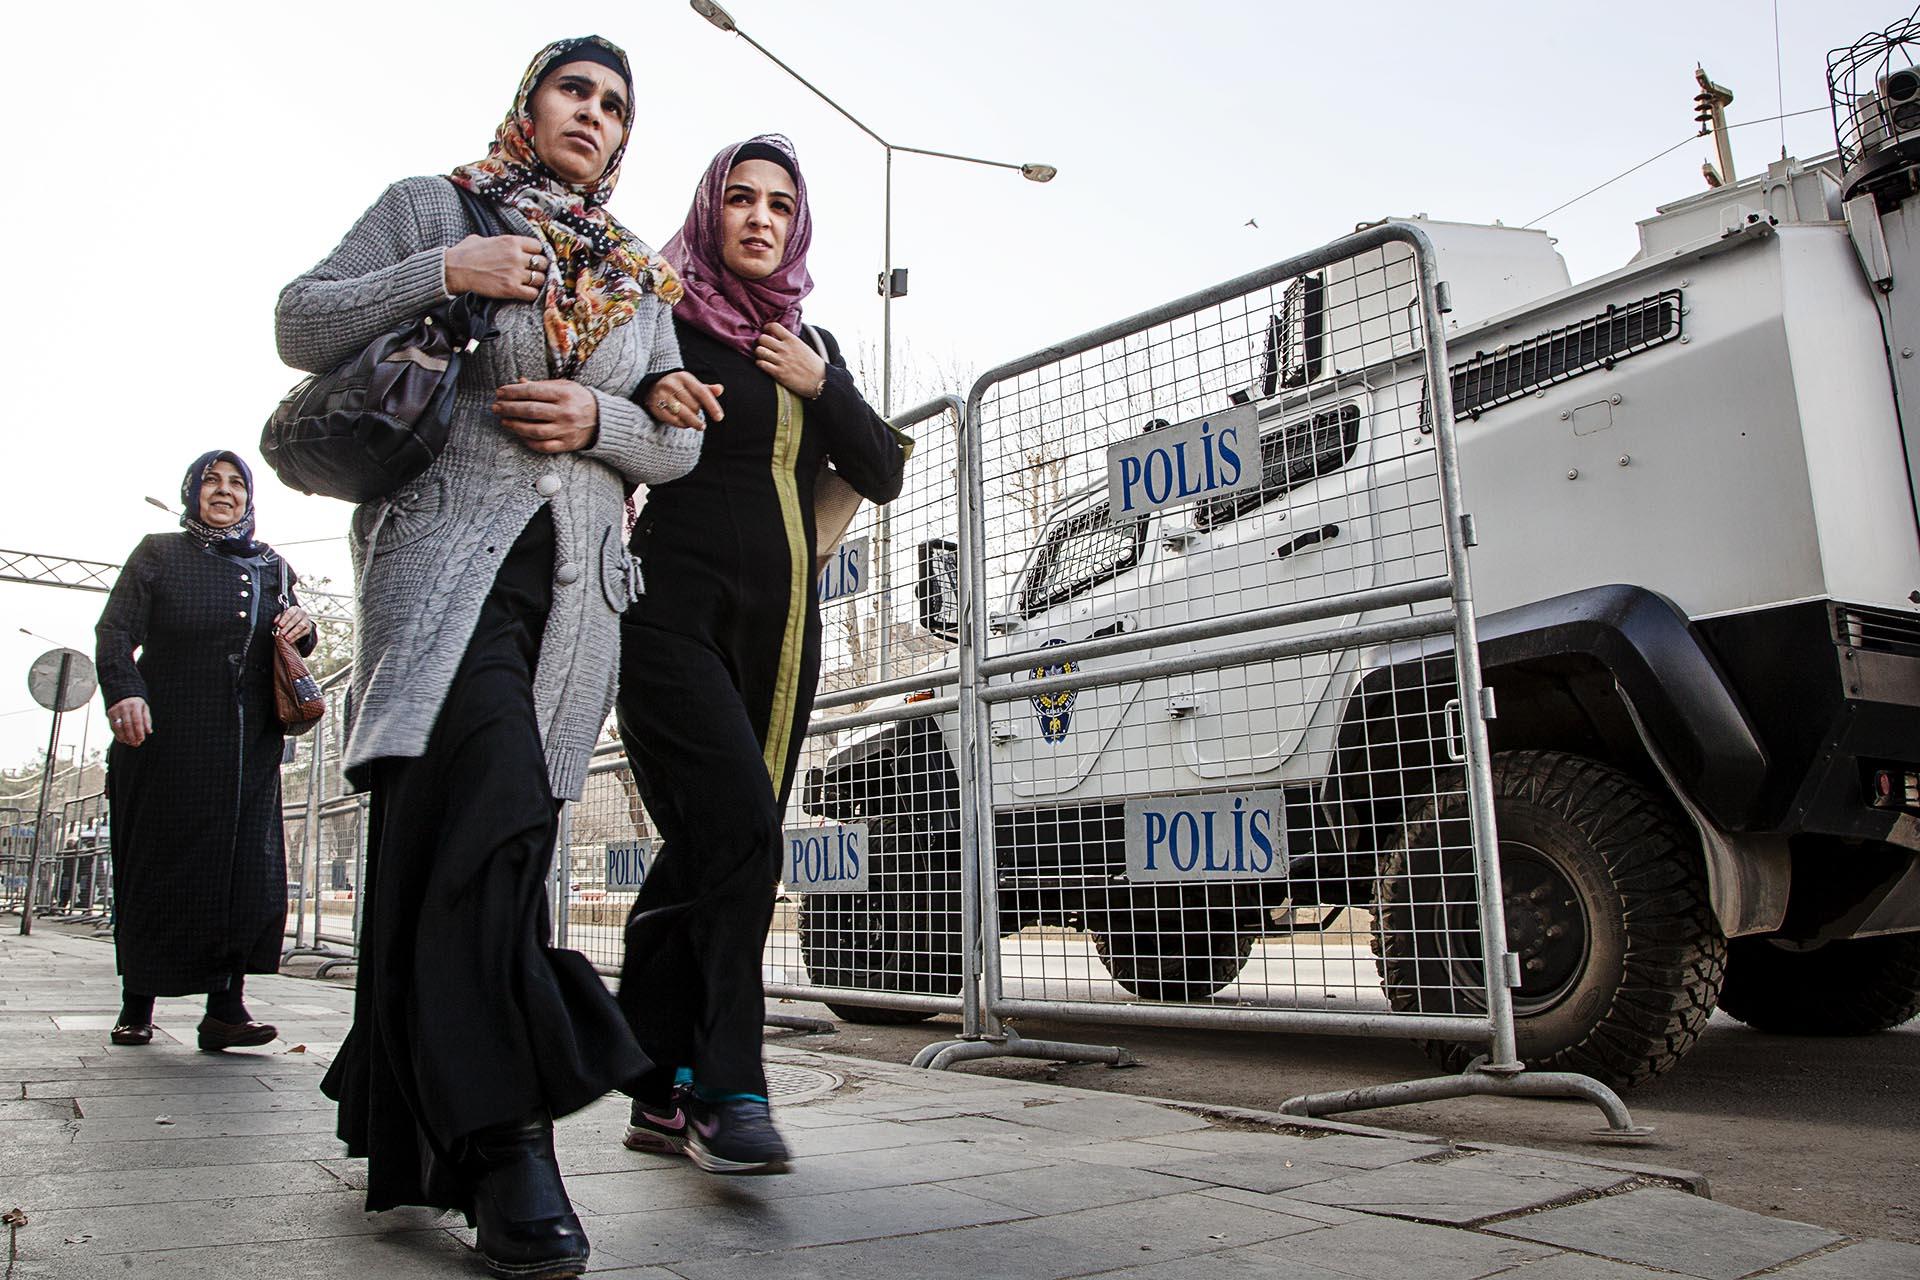 Ciudades como Diyarbakir están totalmente tomadas por las fuerzas de seguridad turcas.